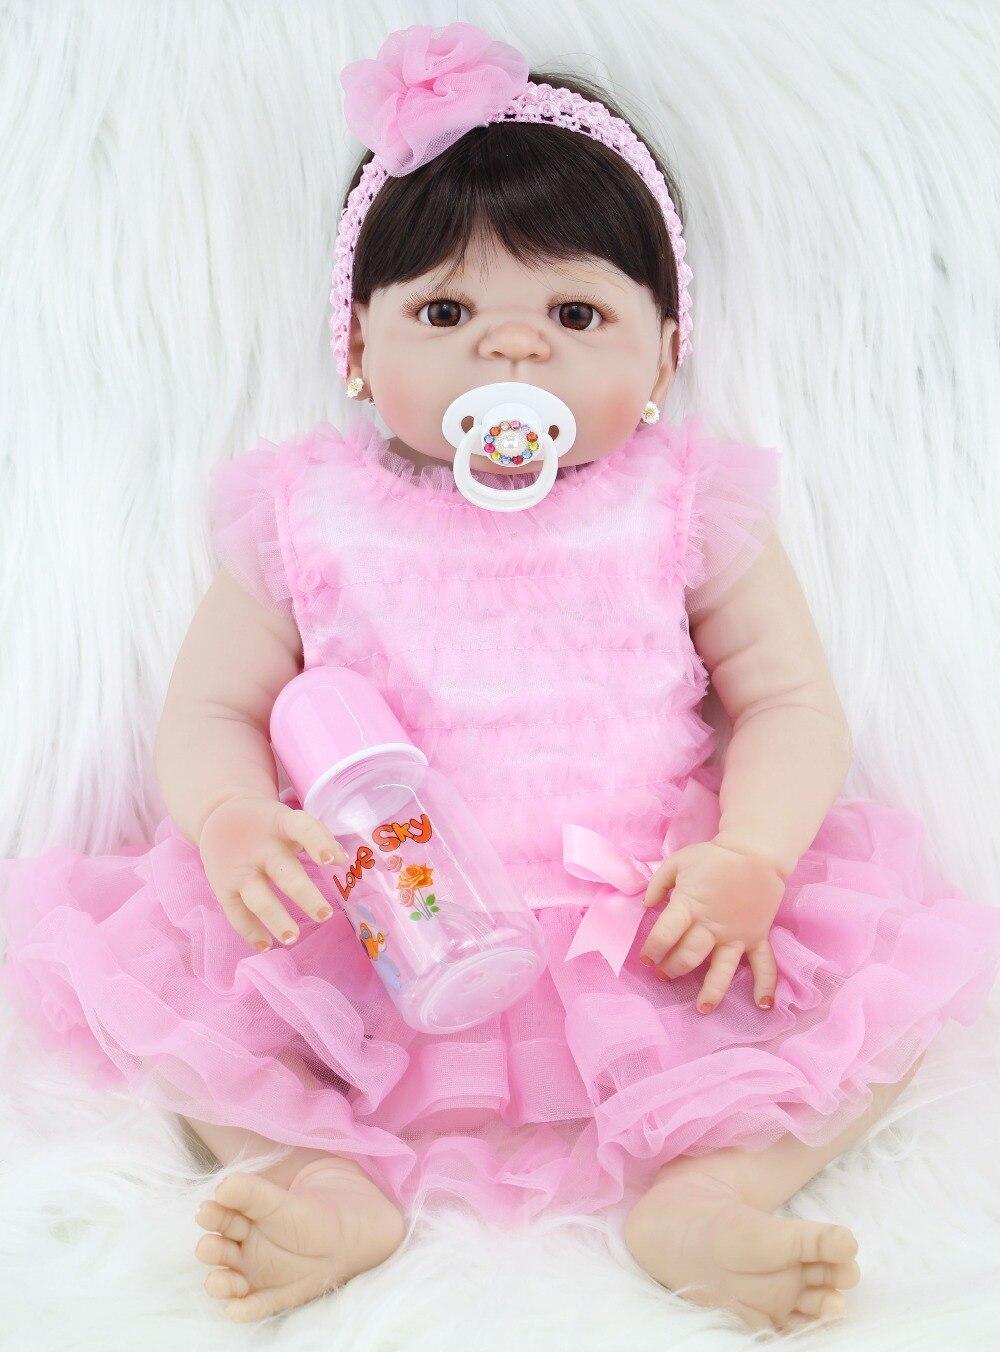 NPKCOLLECTION 55 cm Volle Silikon Reborn Mädchen Baby Puppe Spielzeug Lebensechte Newborn Prinzessin Mädchen Babys Puppe Geburtstag Geschenk Präsentieren